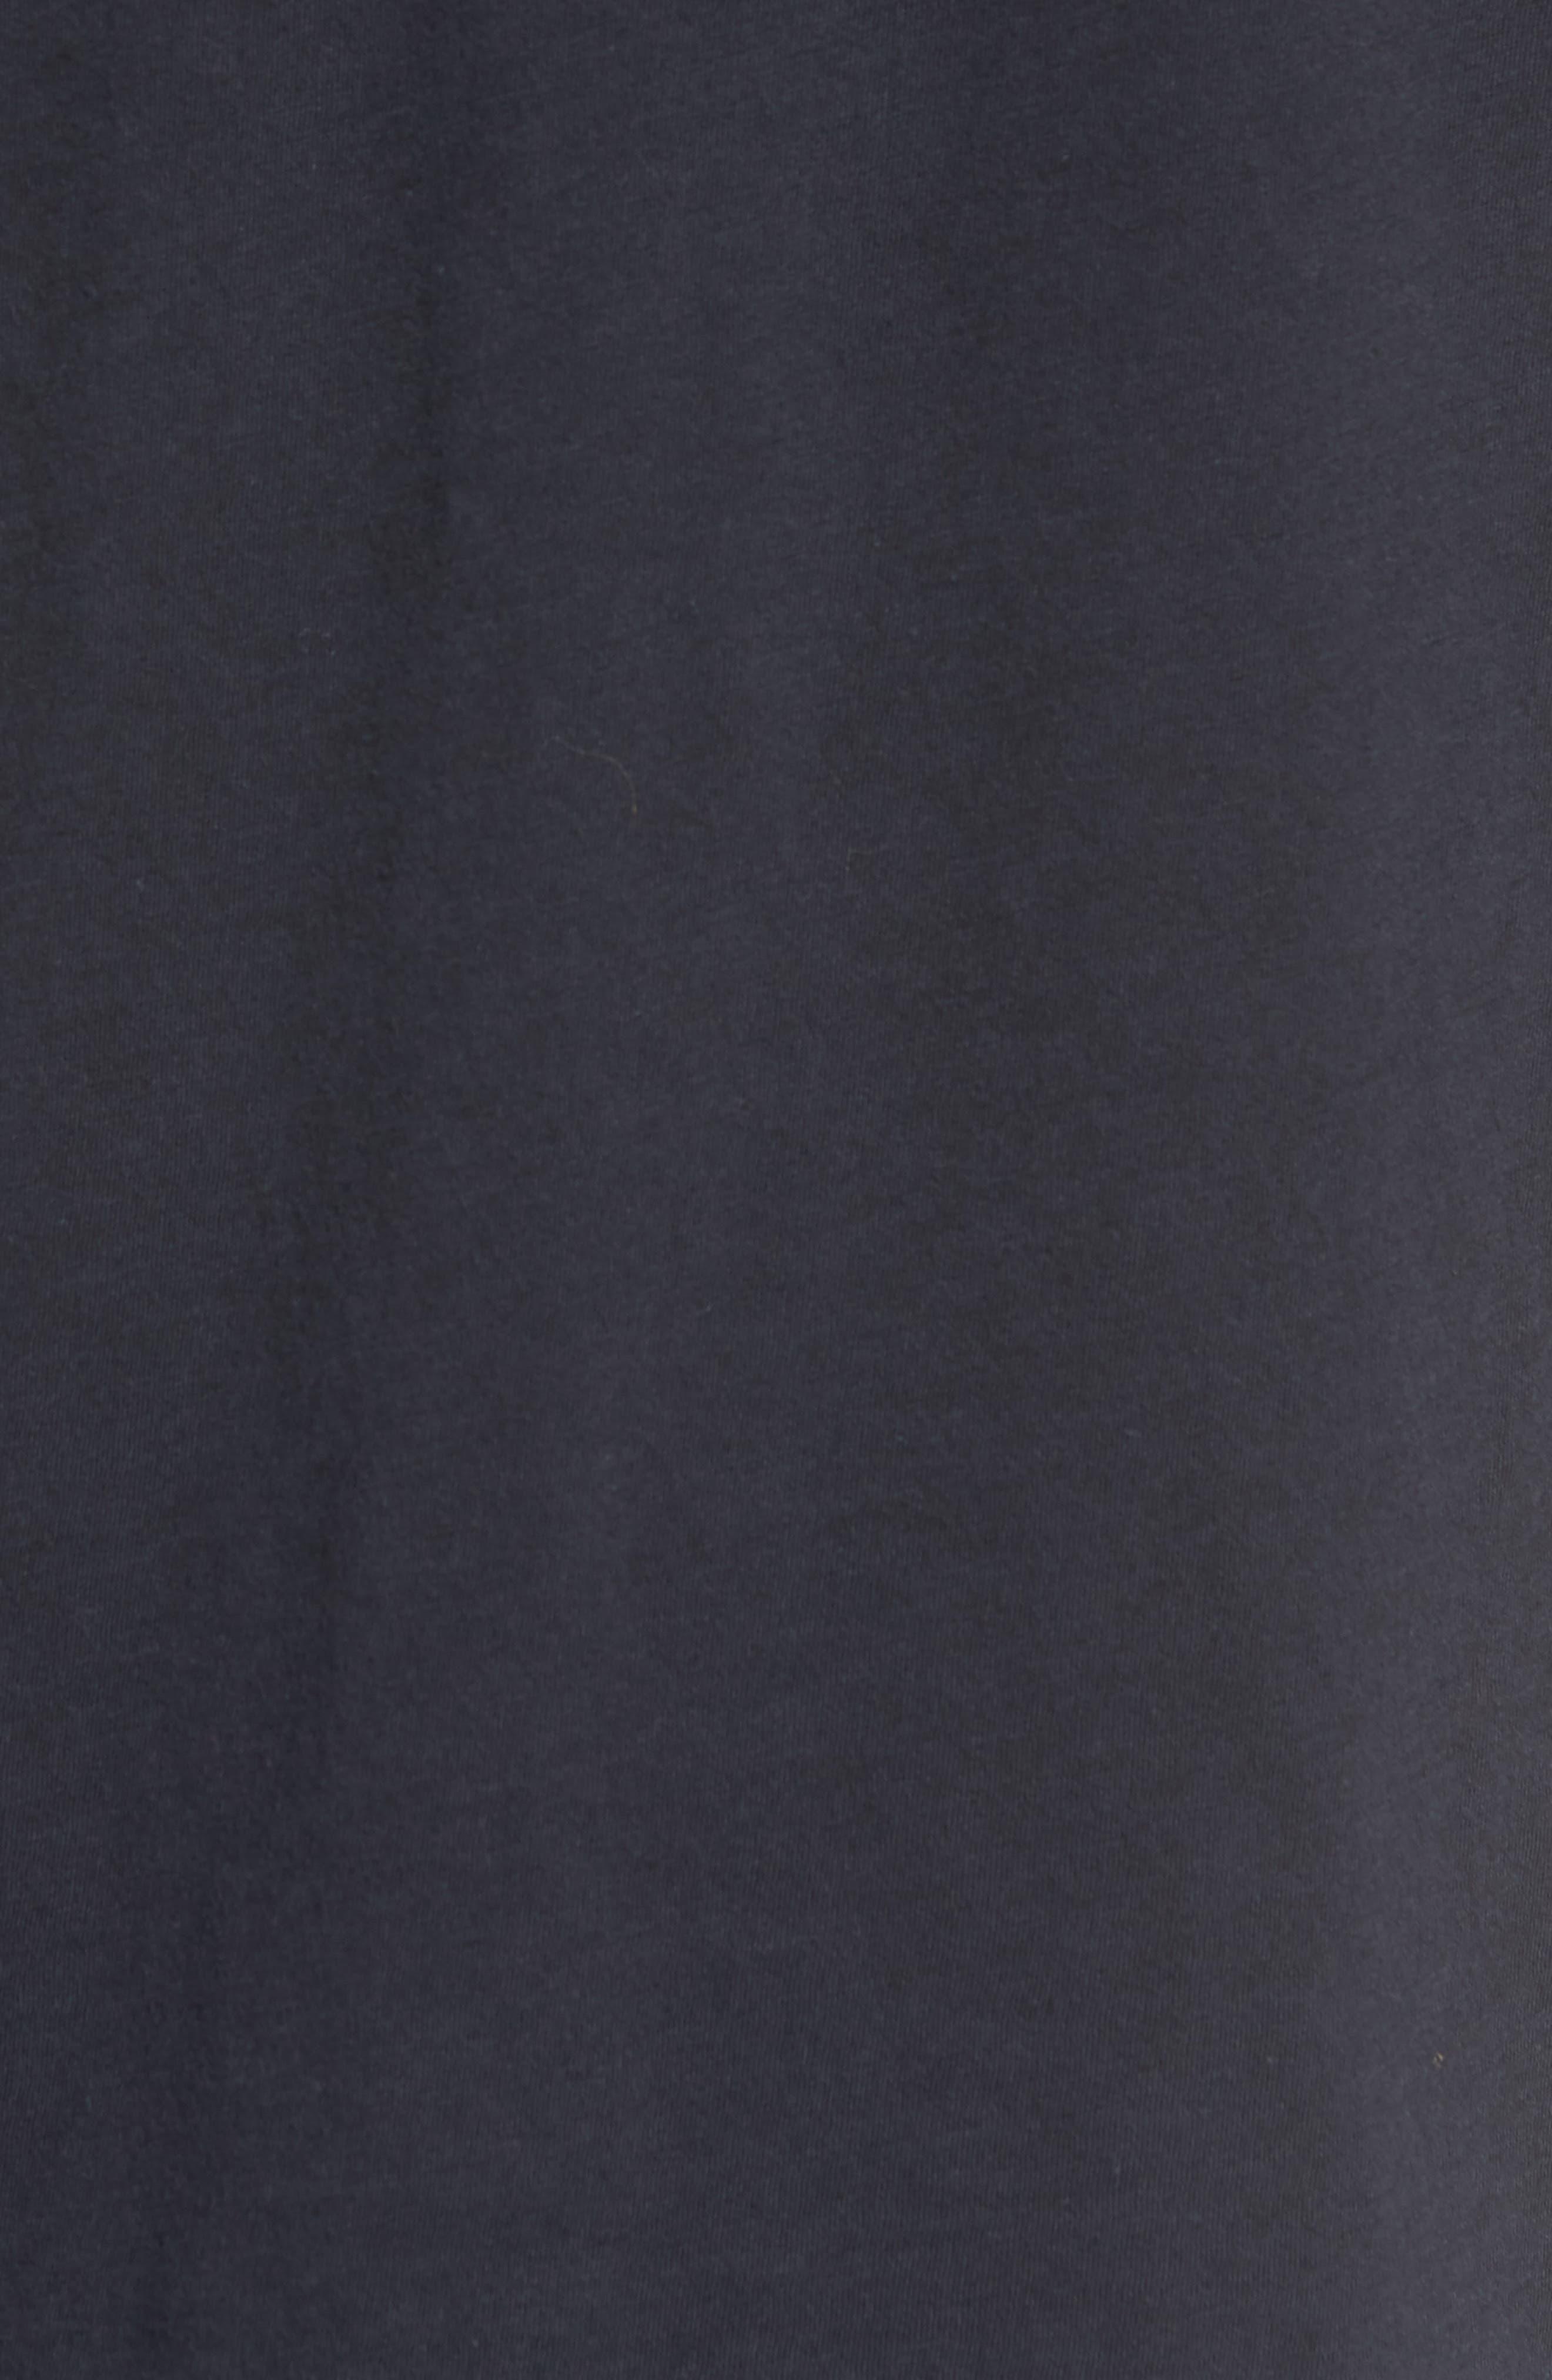 Jimi Hendrix Trim Fit T-Shirt,                             Alternate thumbnail 5, color,                             Black Rock Hendrix